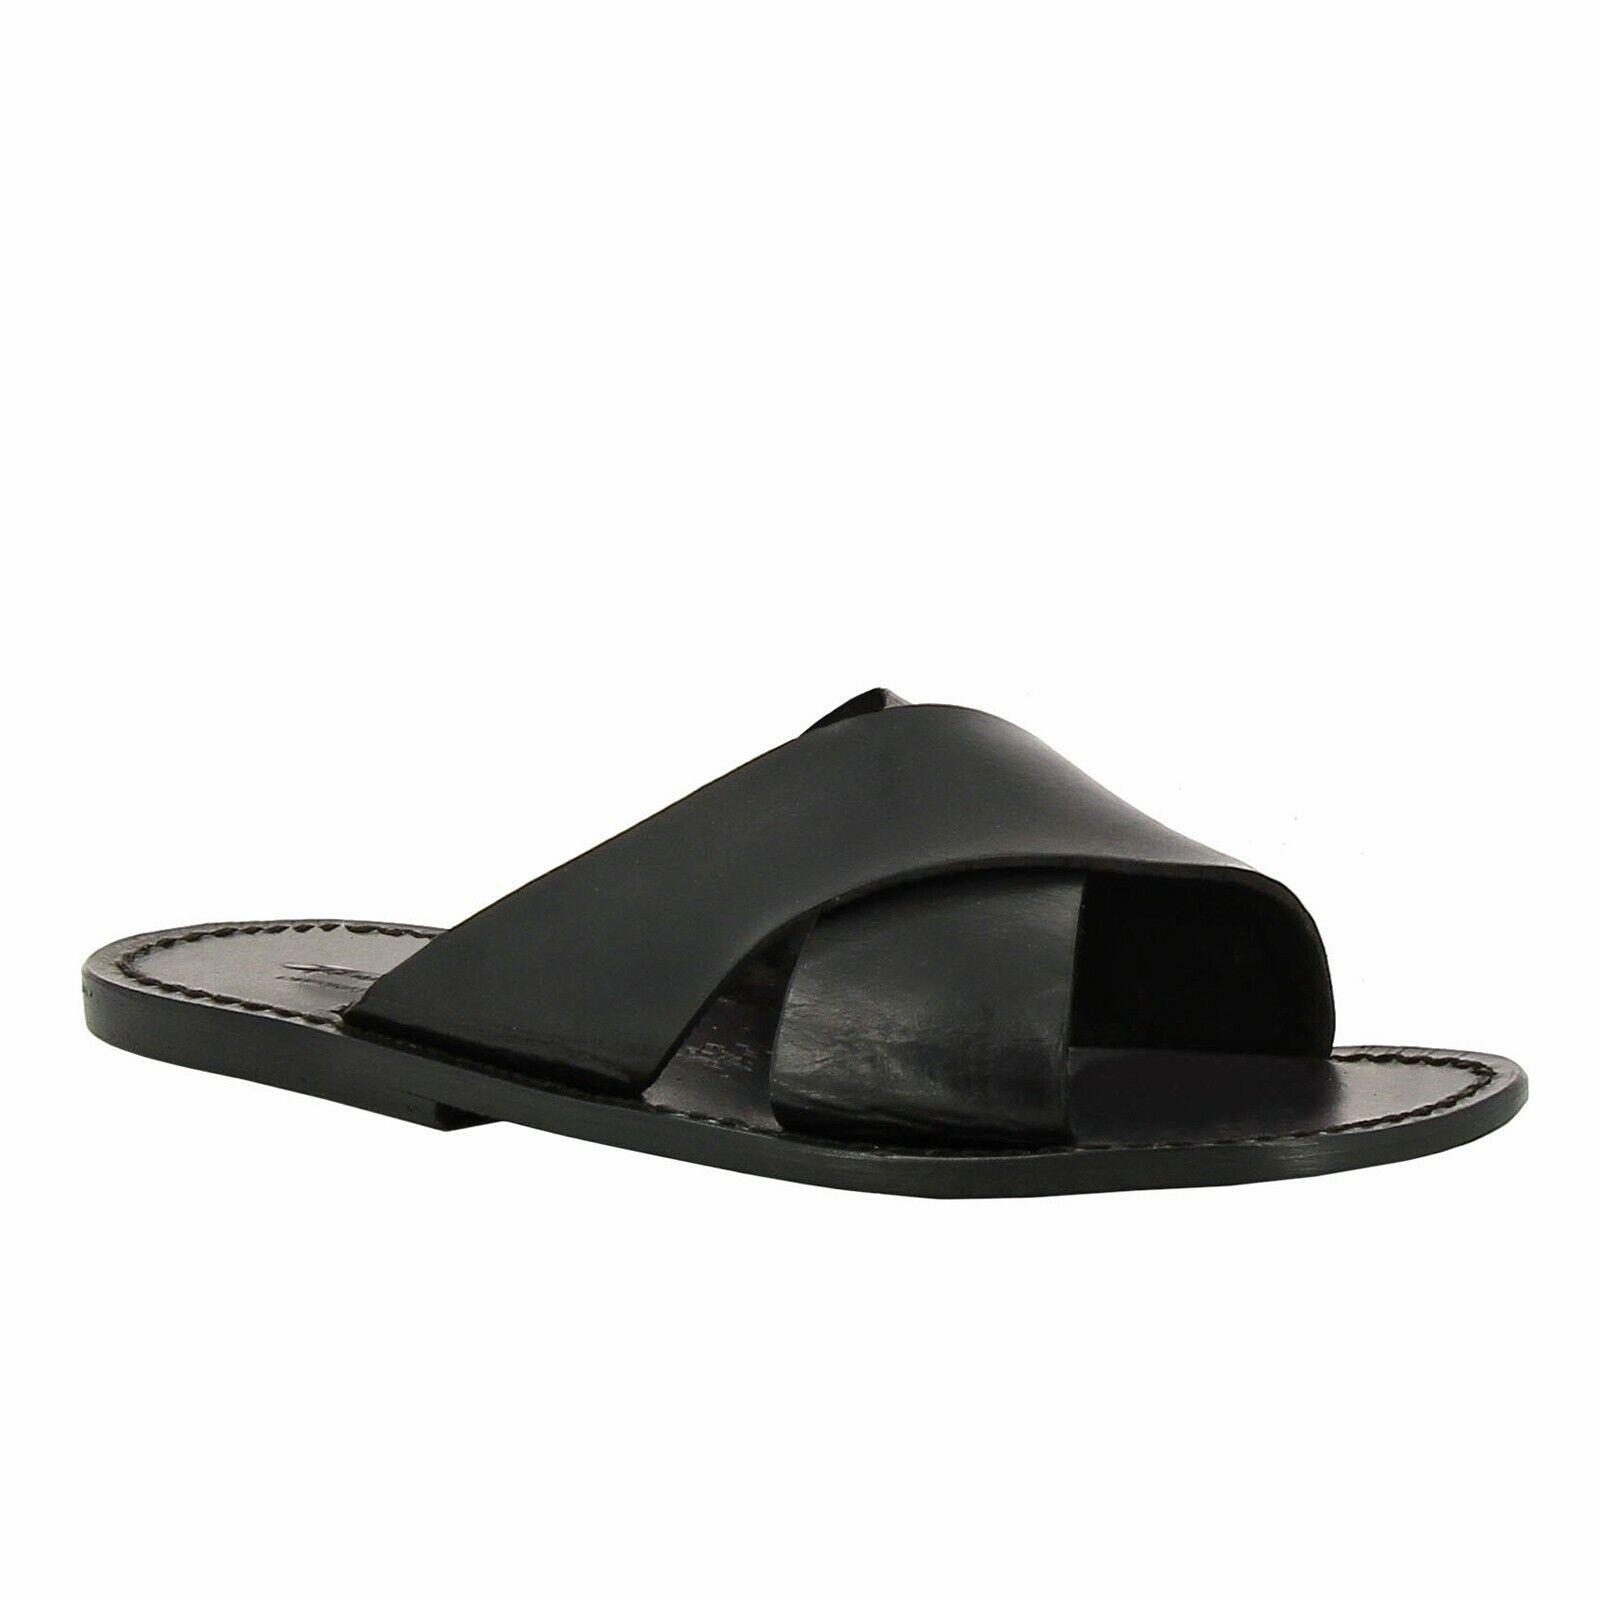 Italienska skor handgjorda manstofflor glidtofflor i svart äkta läder läder läder  populär